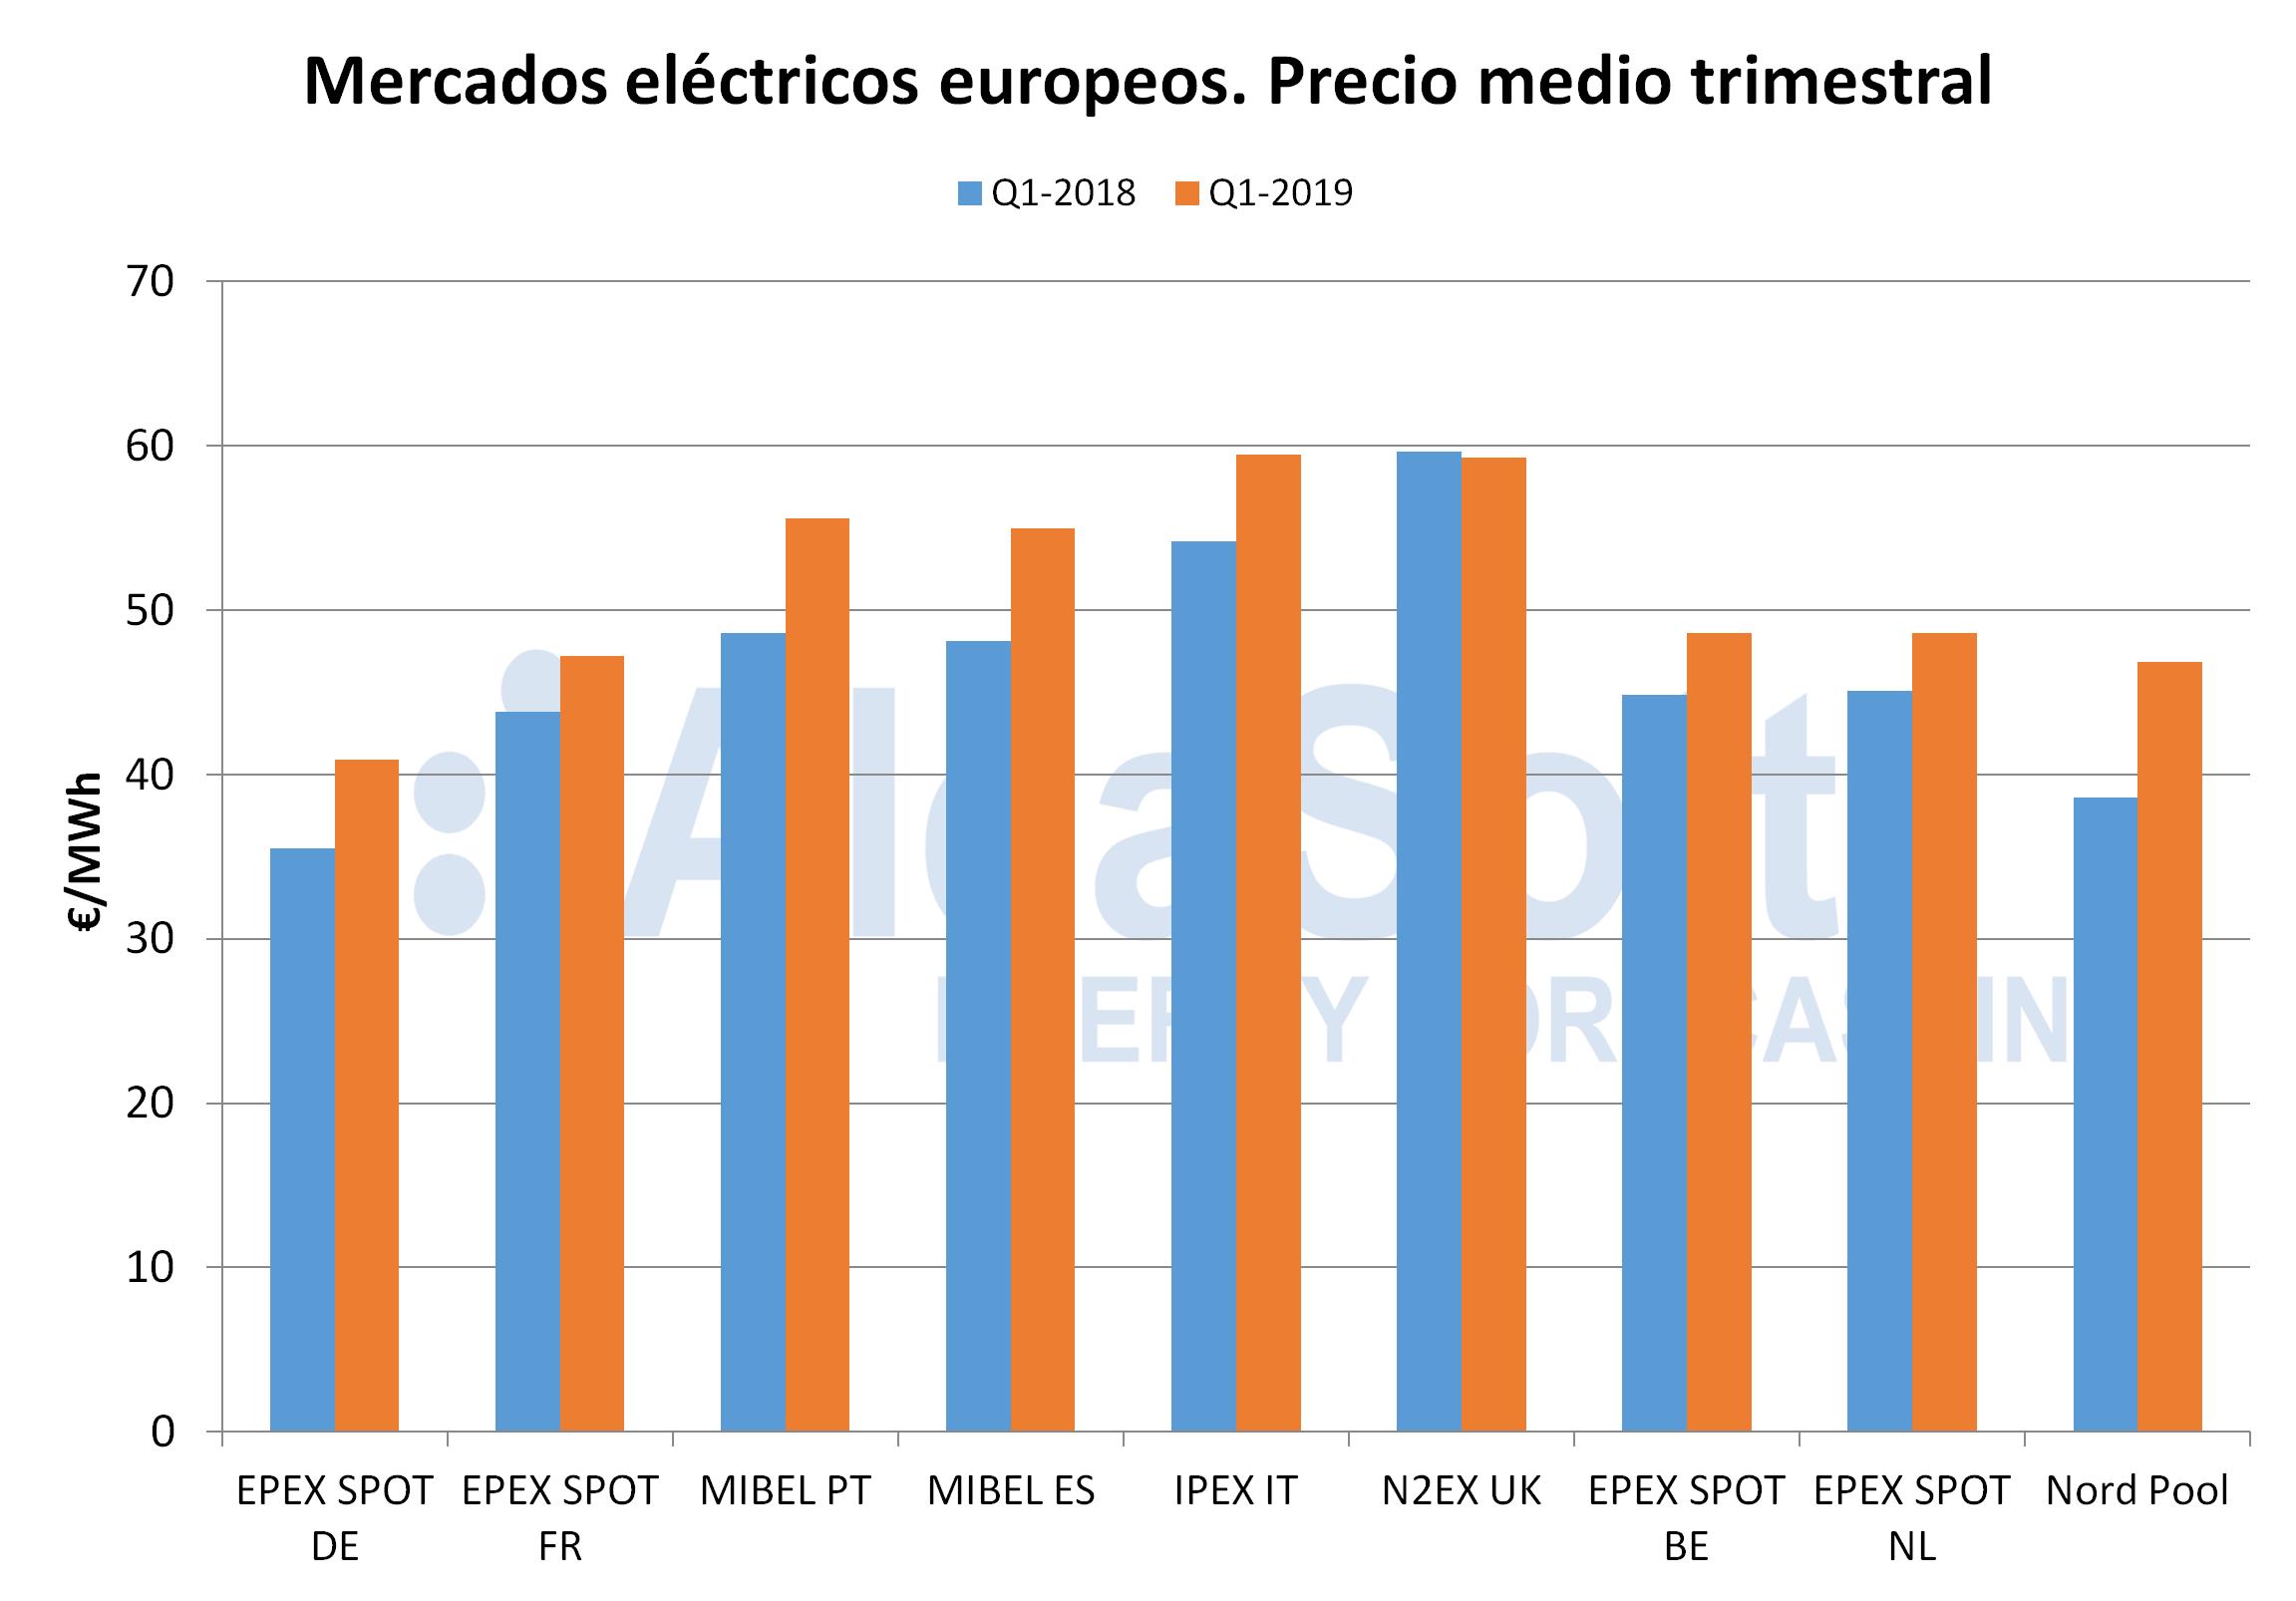 AleaSoft - Precio medio trimestral mercados europeos electricidad